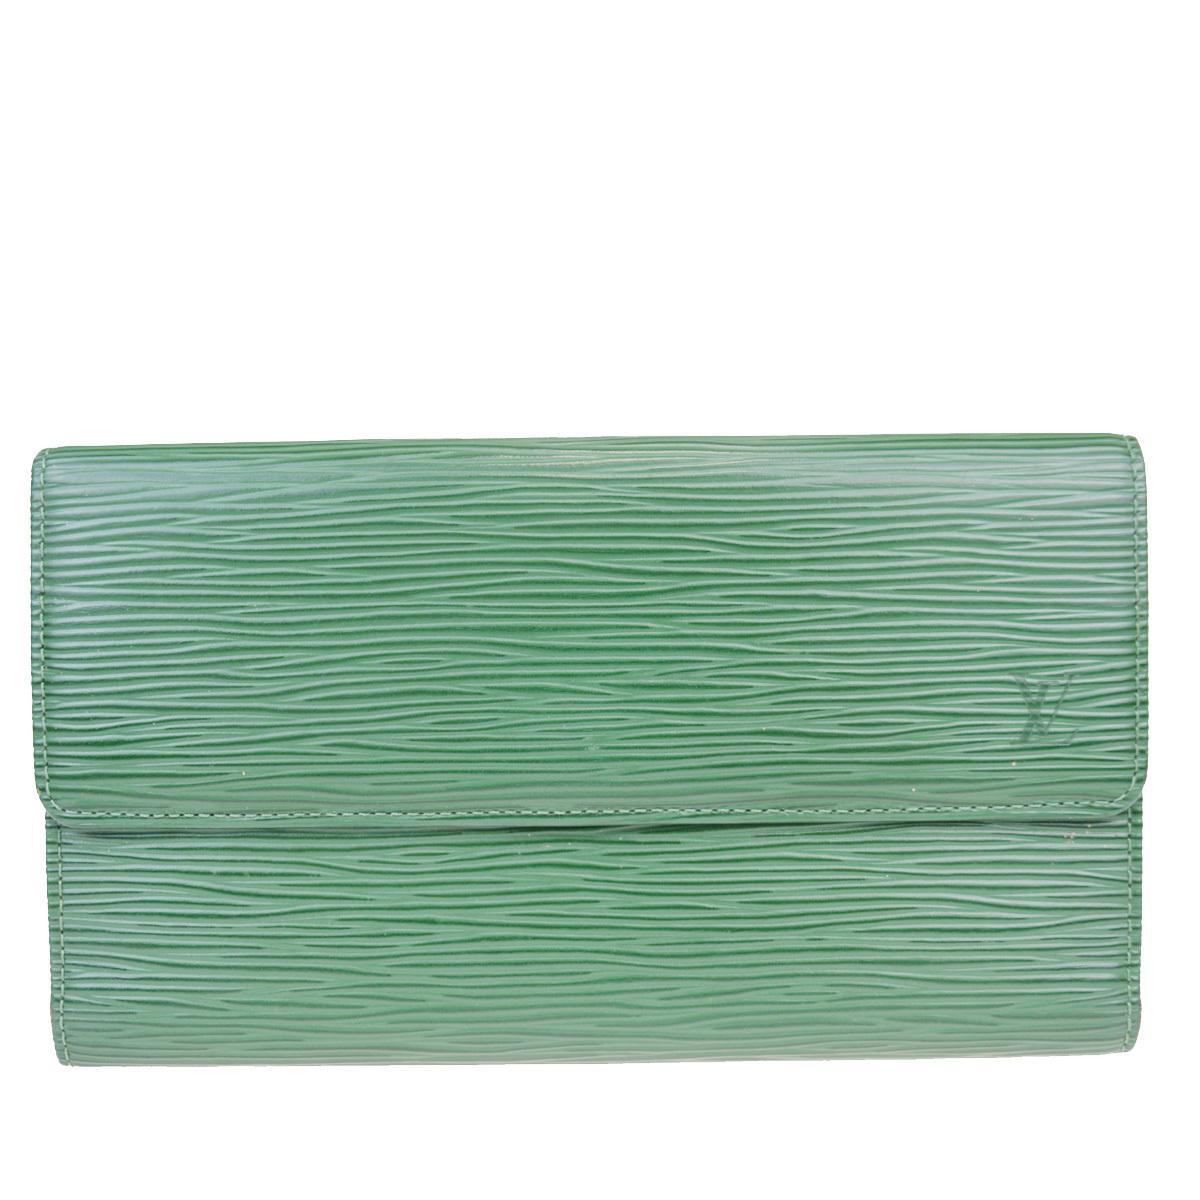 【中古】 ルイ・ヴィトン(Louis Vuitton) エピ ポルトフォイユ インターナショナル M63384 レザー 長財布(三つ折り) グリーン 07FA983